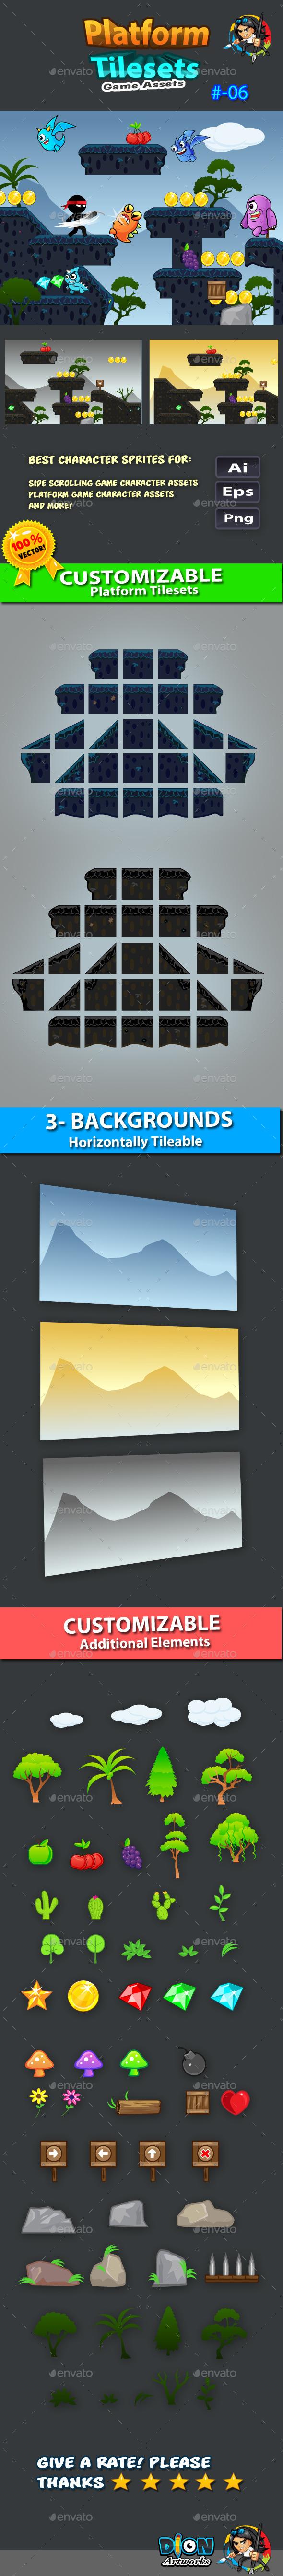 GraphicRiver Platform Tilesets Game Assets 06 11431514